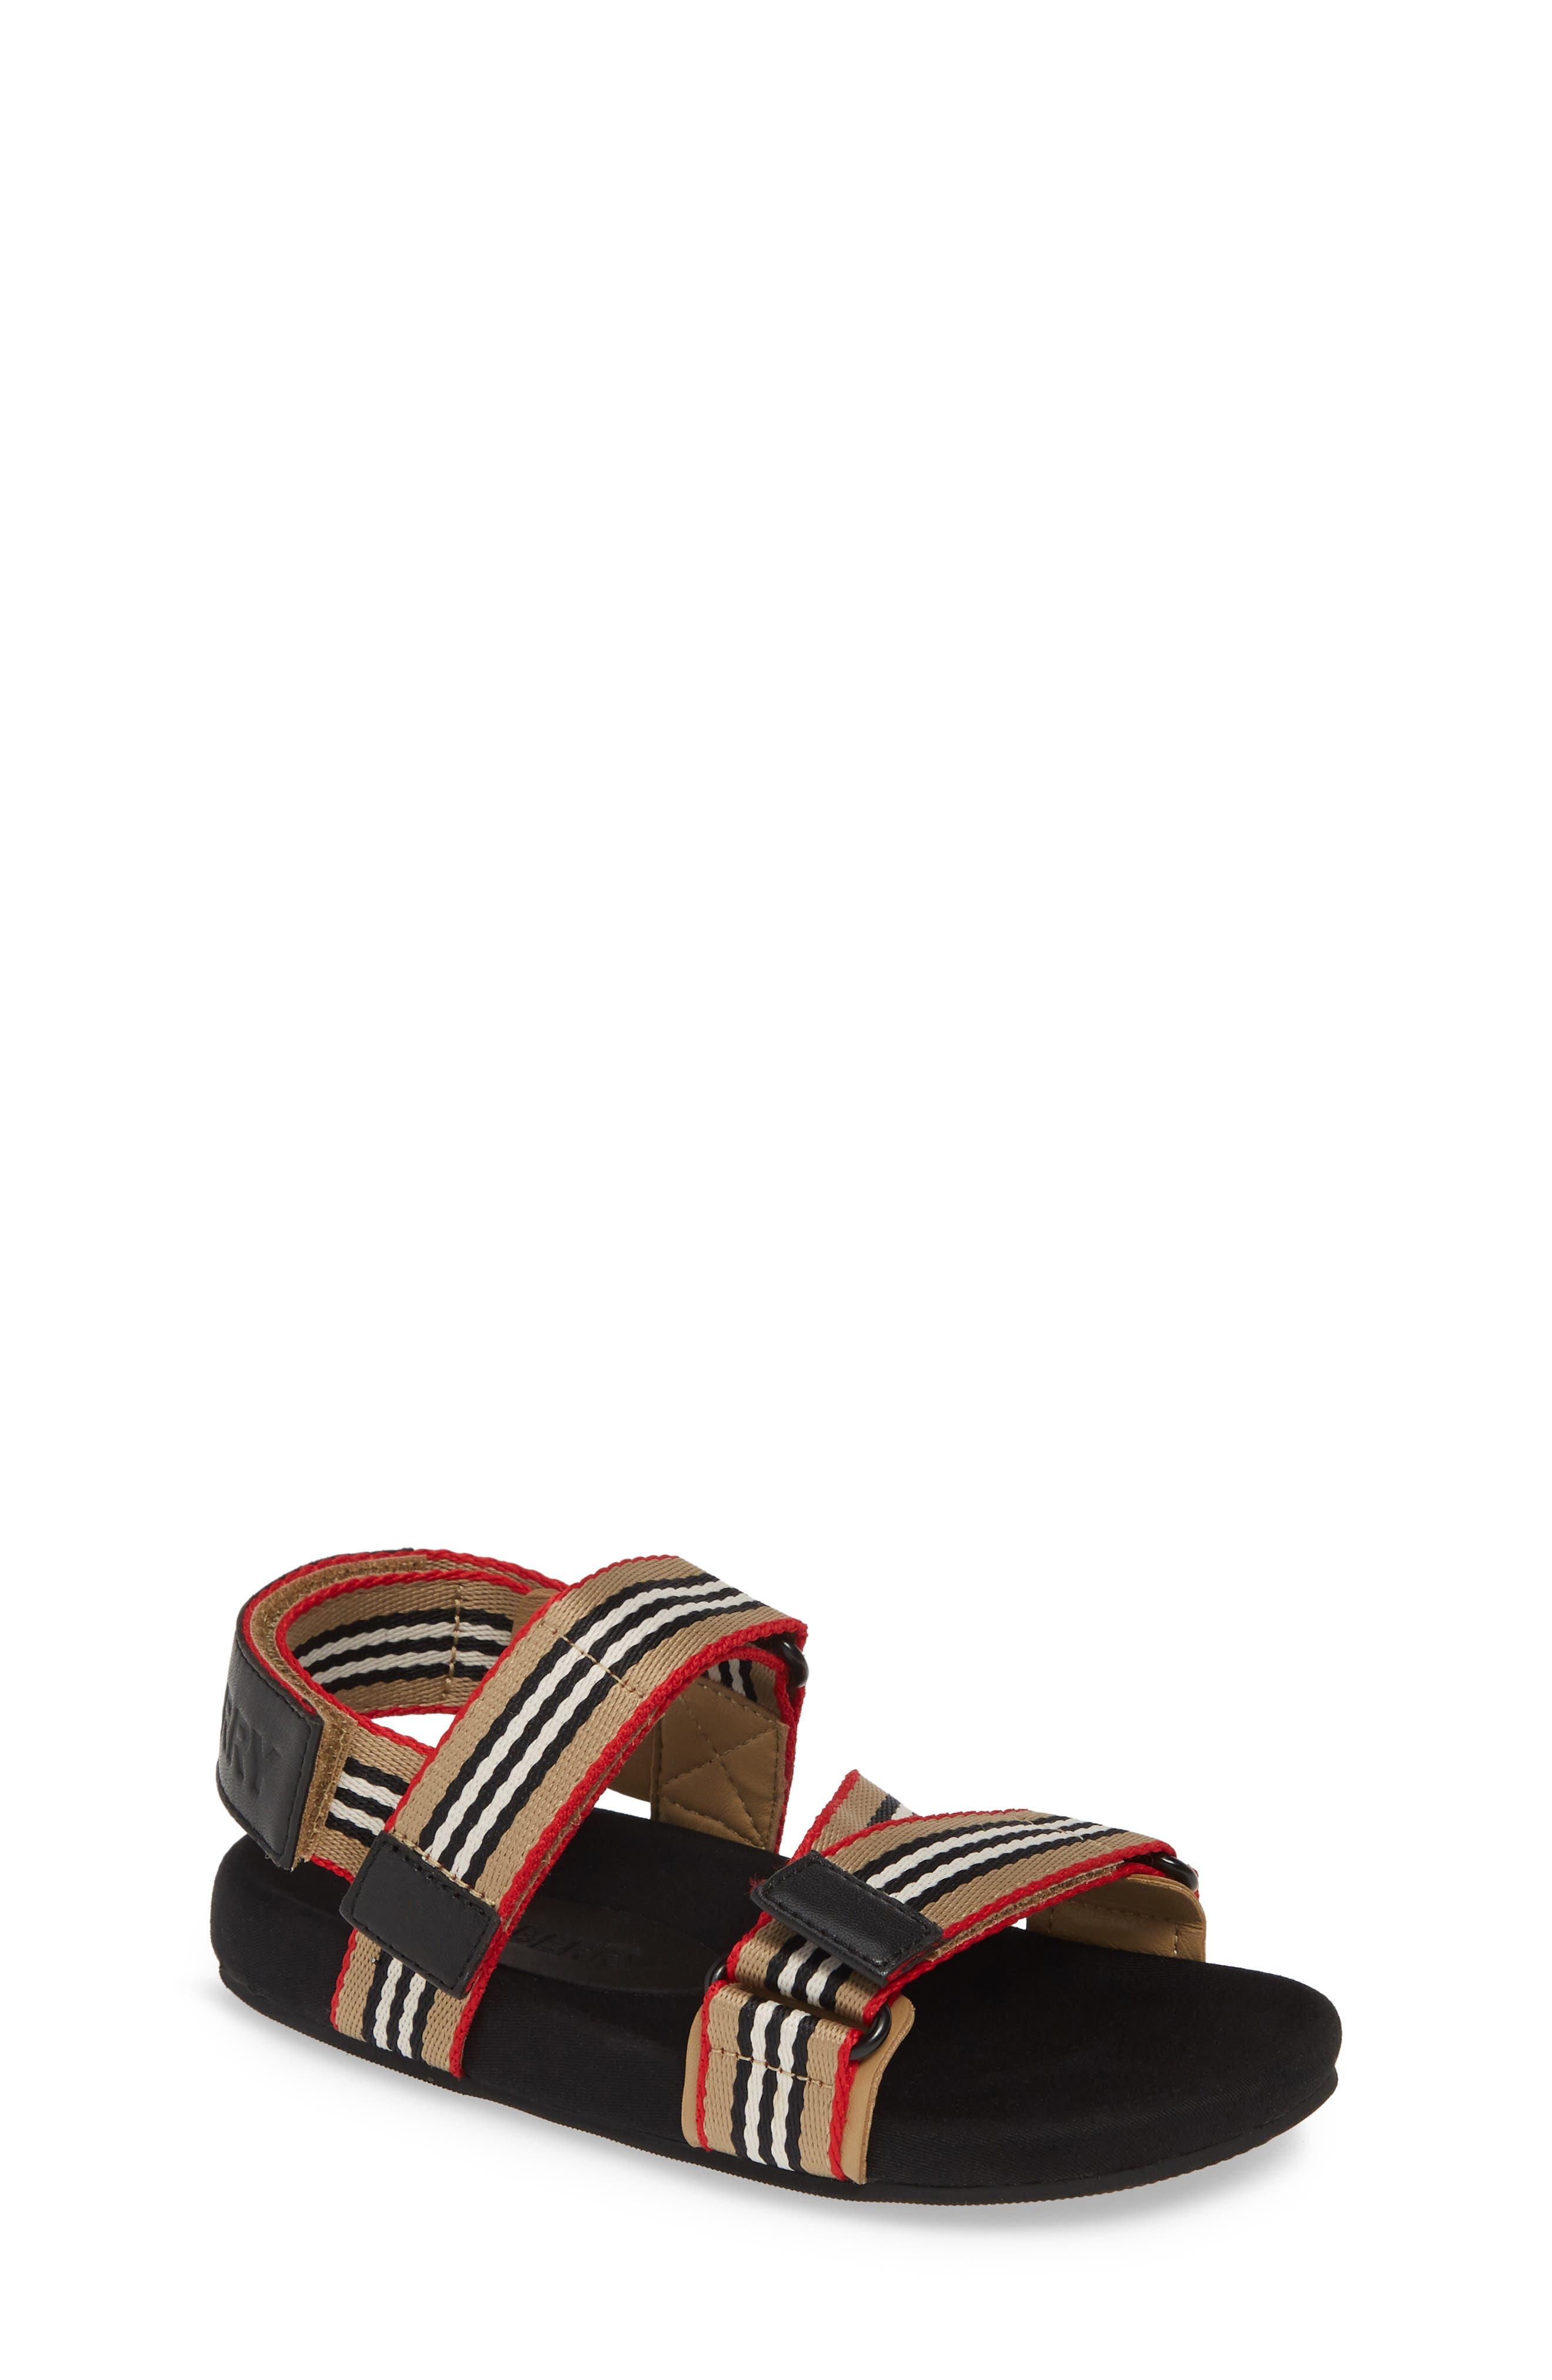 Redmire Sandal, Main, color, ARCH BEIGE/BLACK